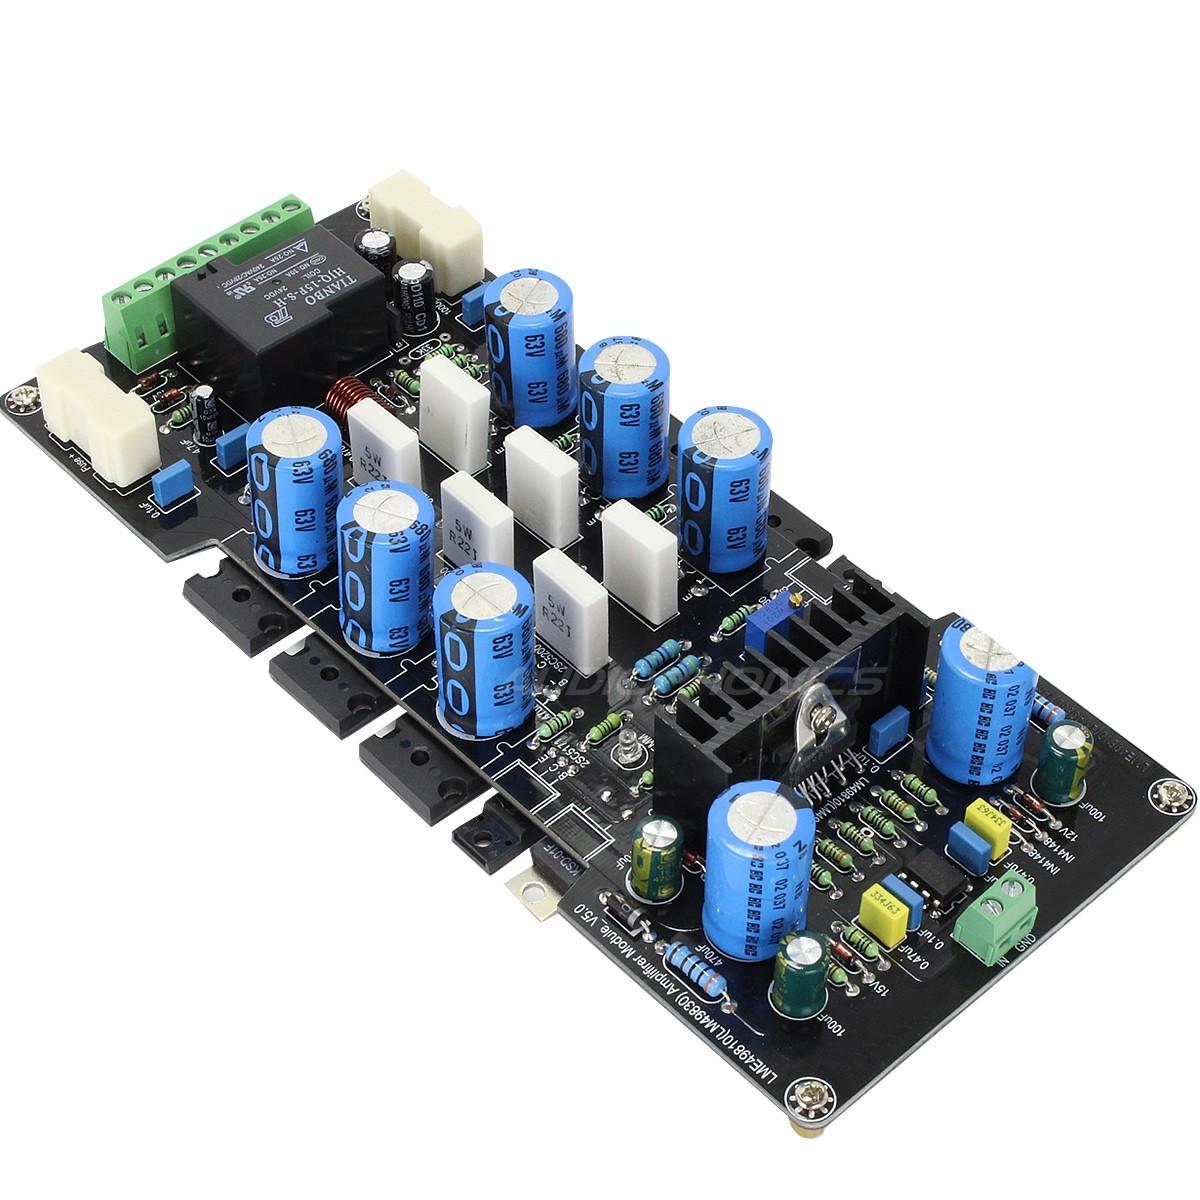 LM49810 2SC5200 Bipolaire Module Amplificateur 300W 8 ohm Mono (unité)